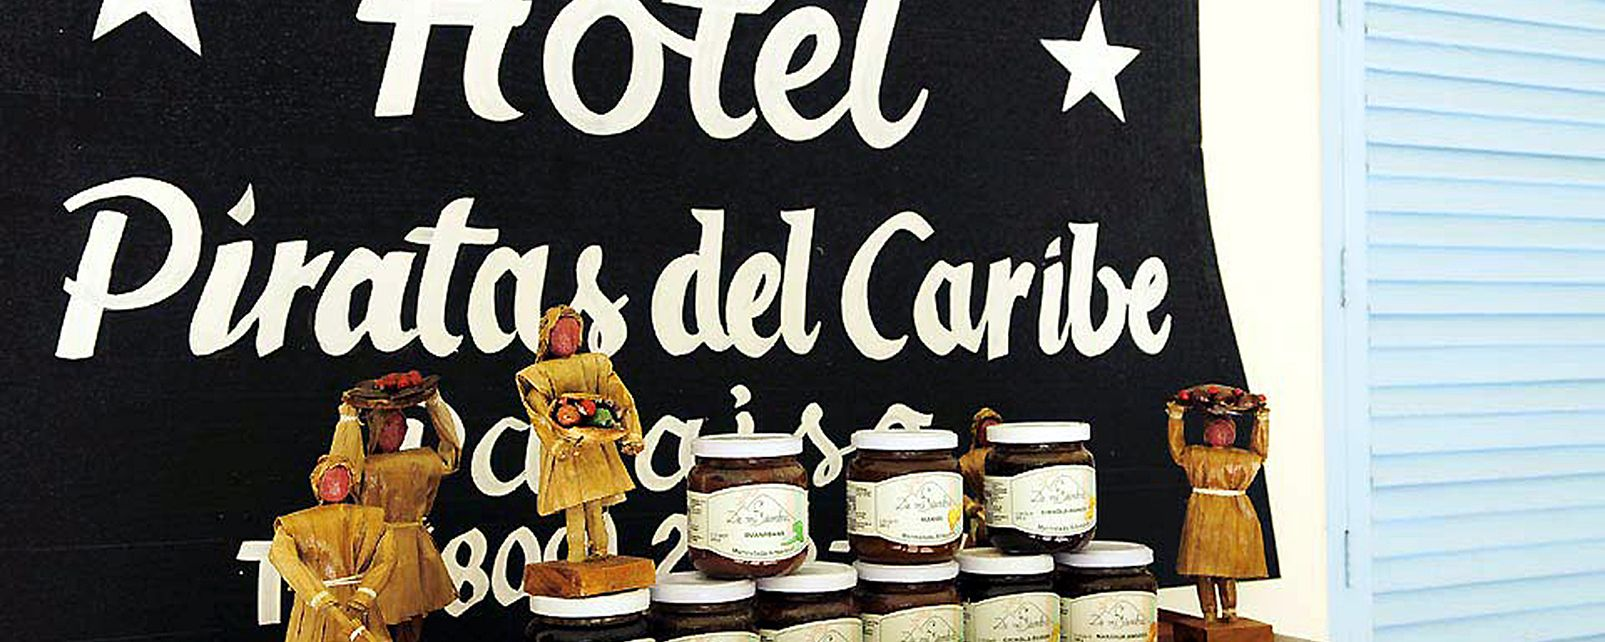 Hôtel Piratas del Caribe